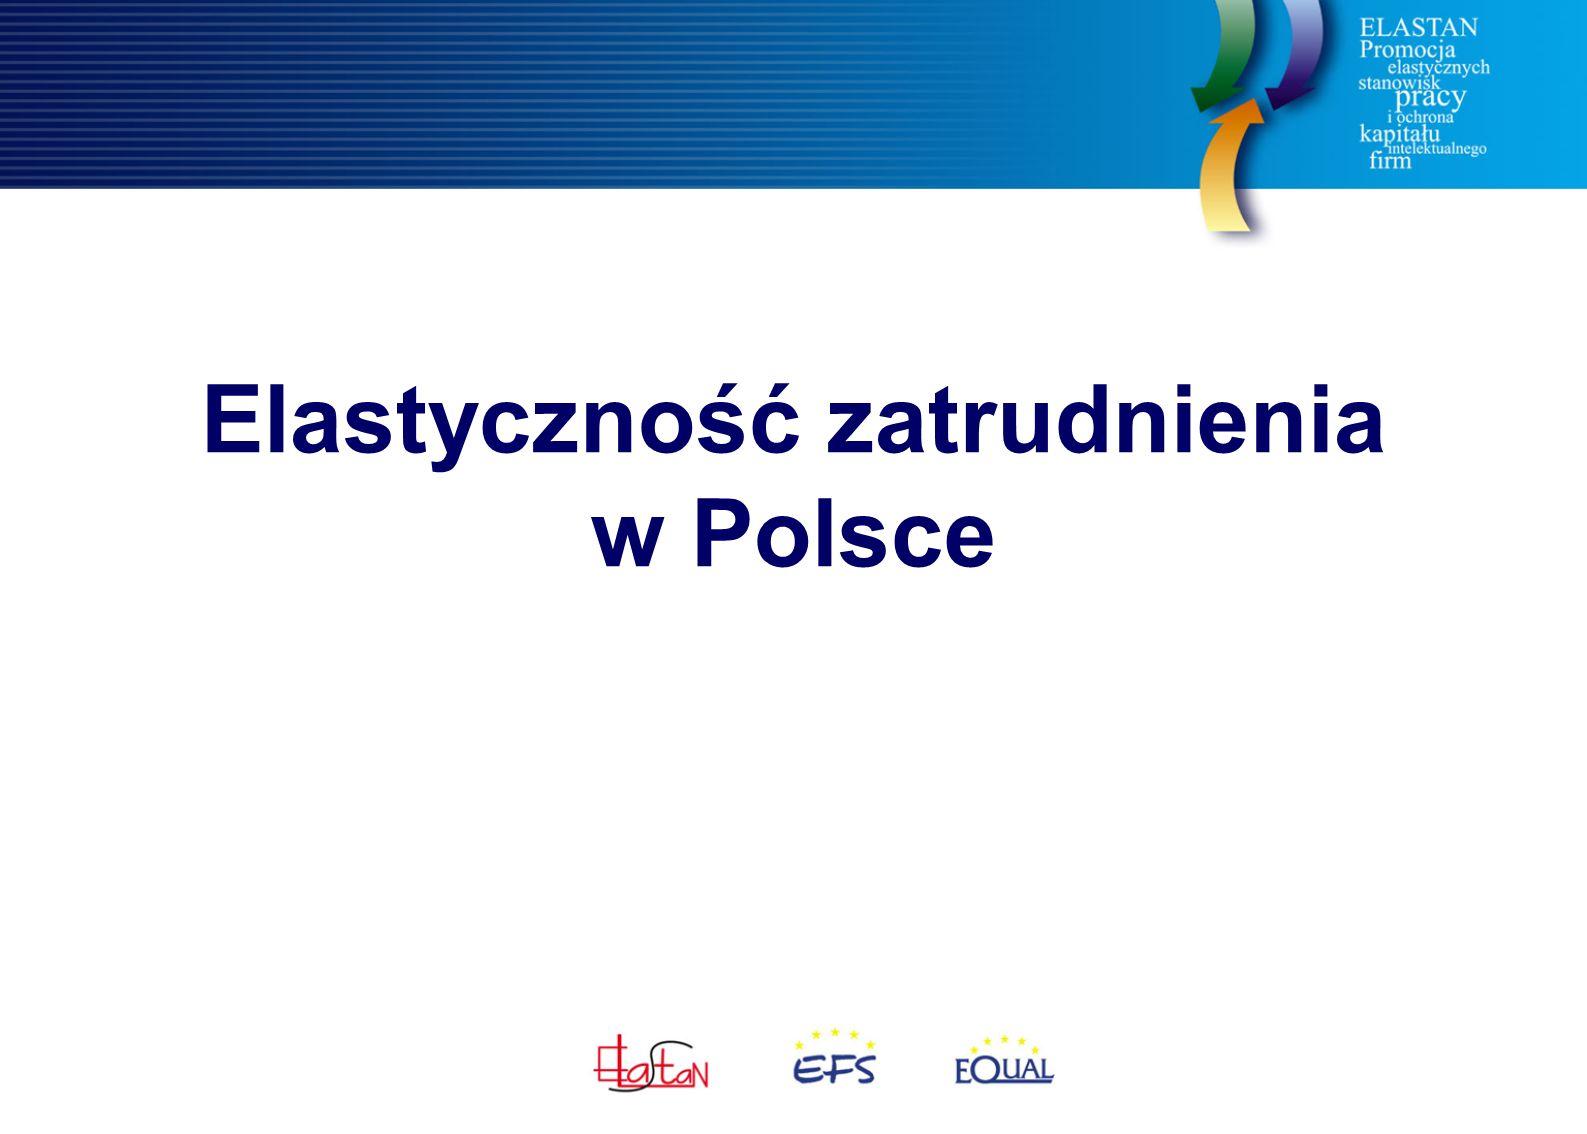 Elastyczność zatrudnienia w Polsce